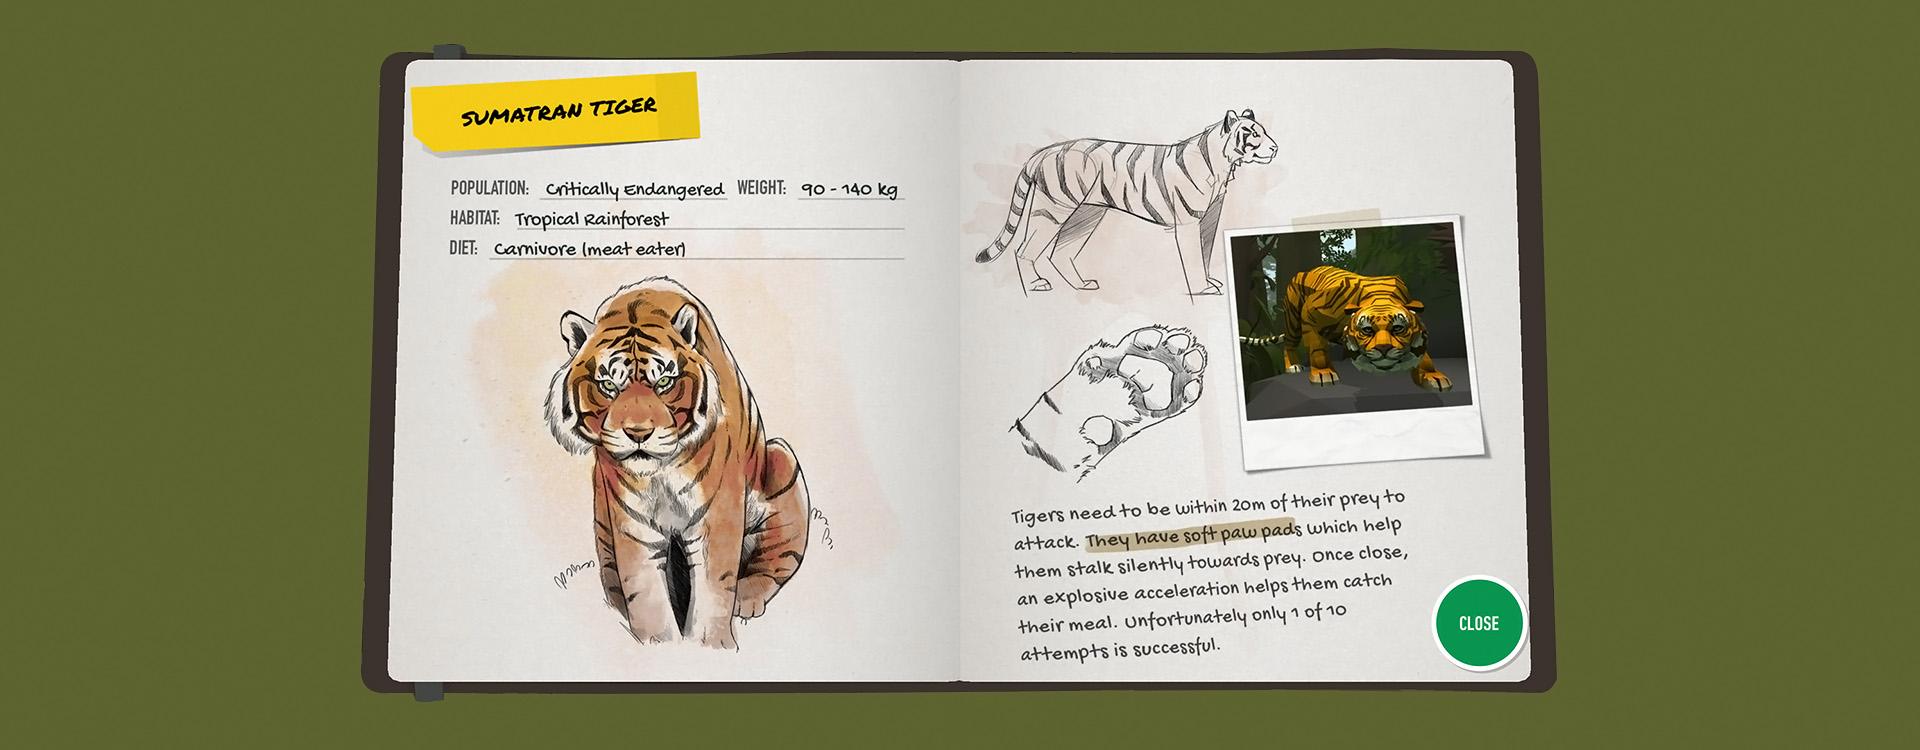 Robert Berrier - 2016 - WWF Into The Wild - 09